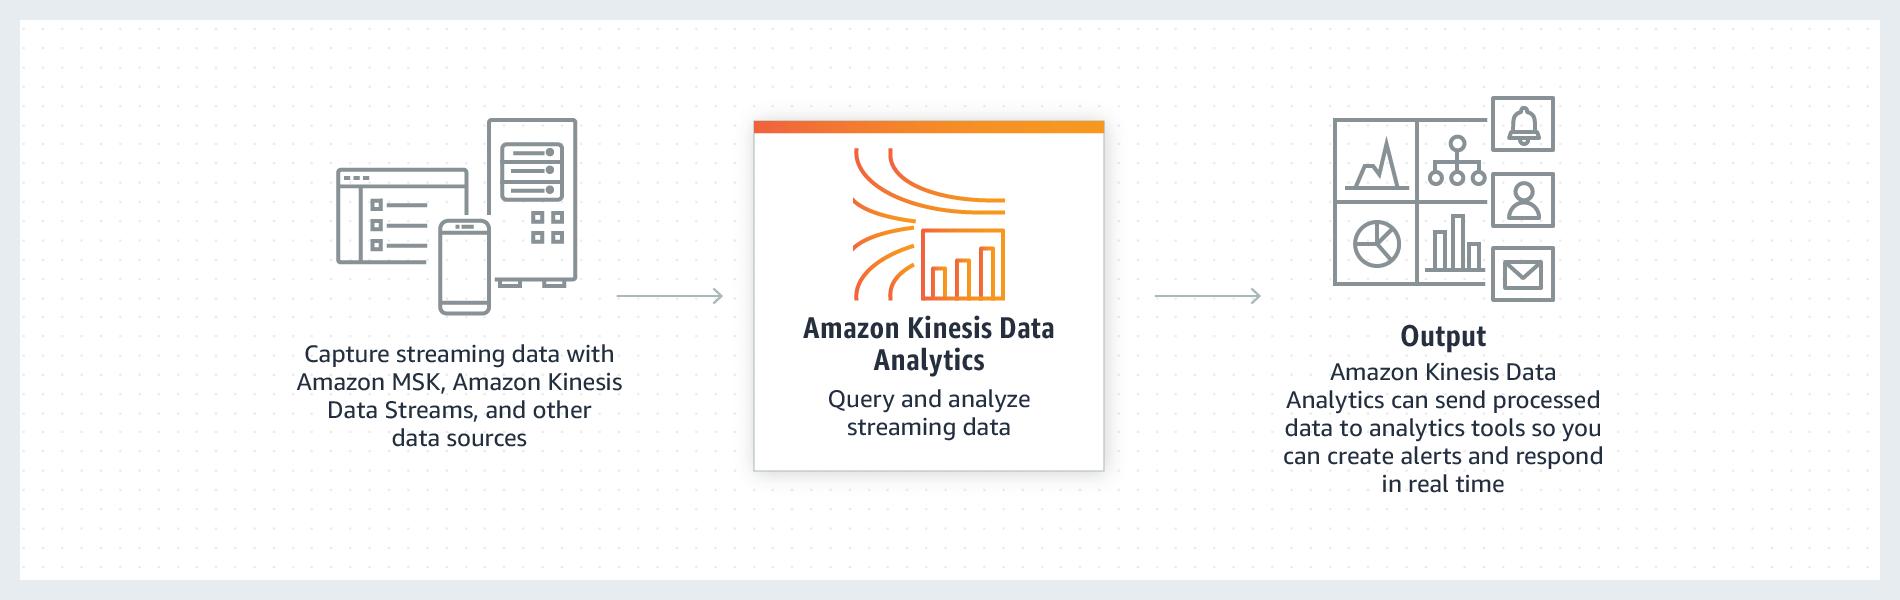 Amazon Kinesis Data Analytics